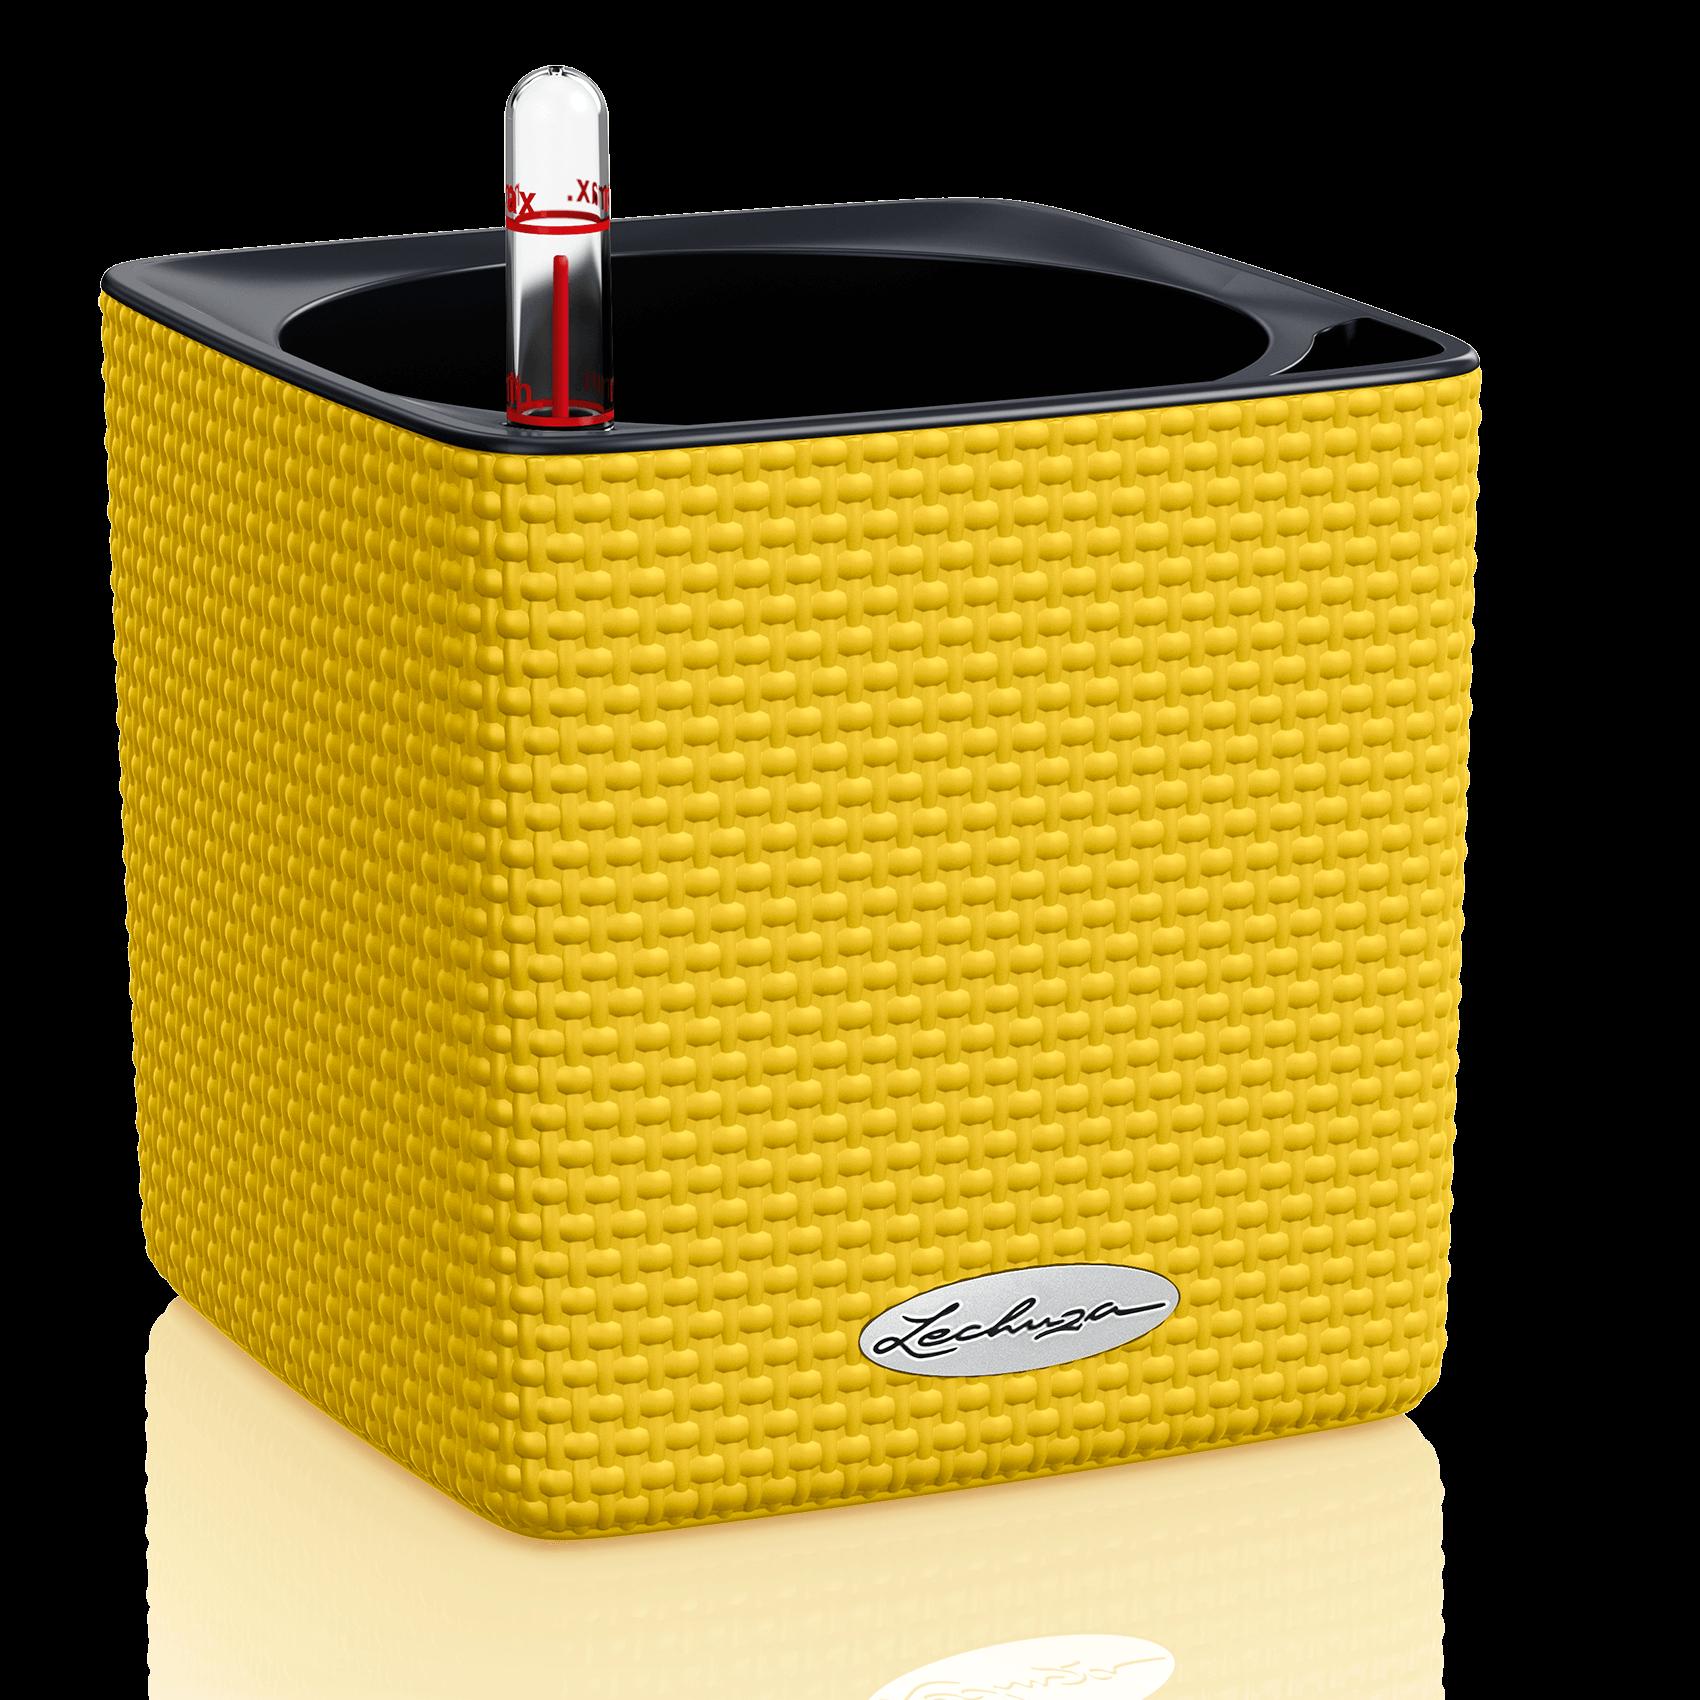 CUBE Color 14 amarillo limón